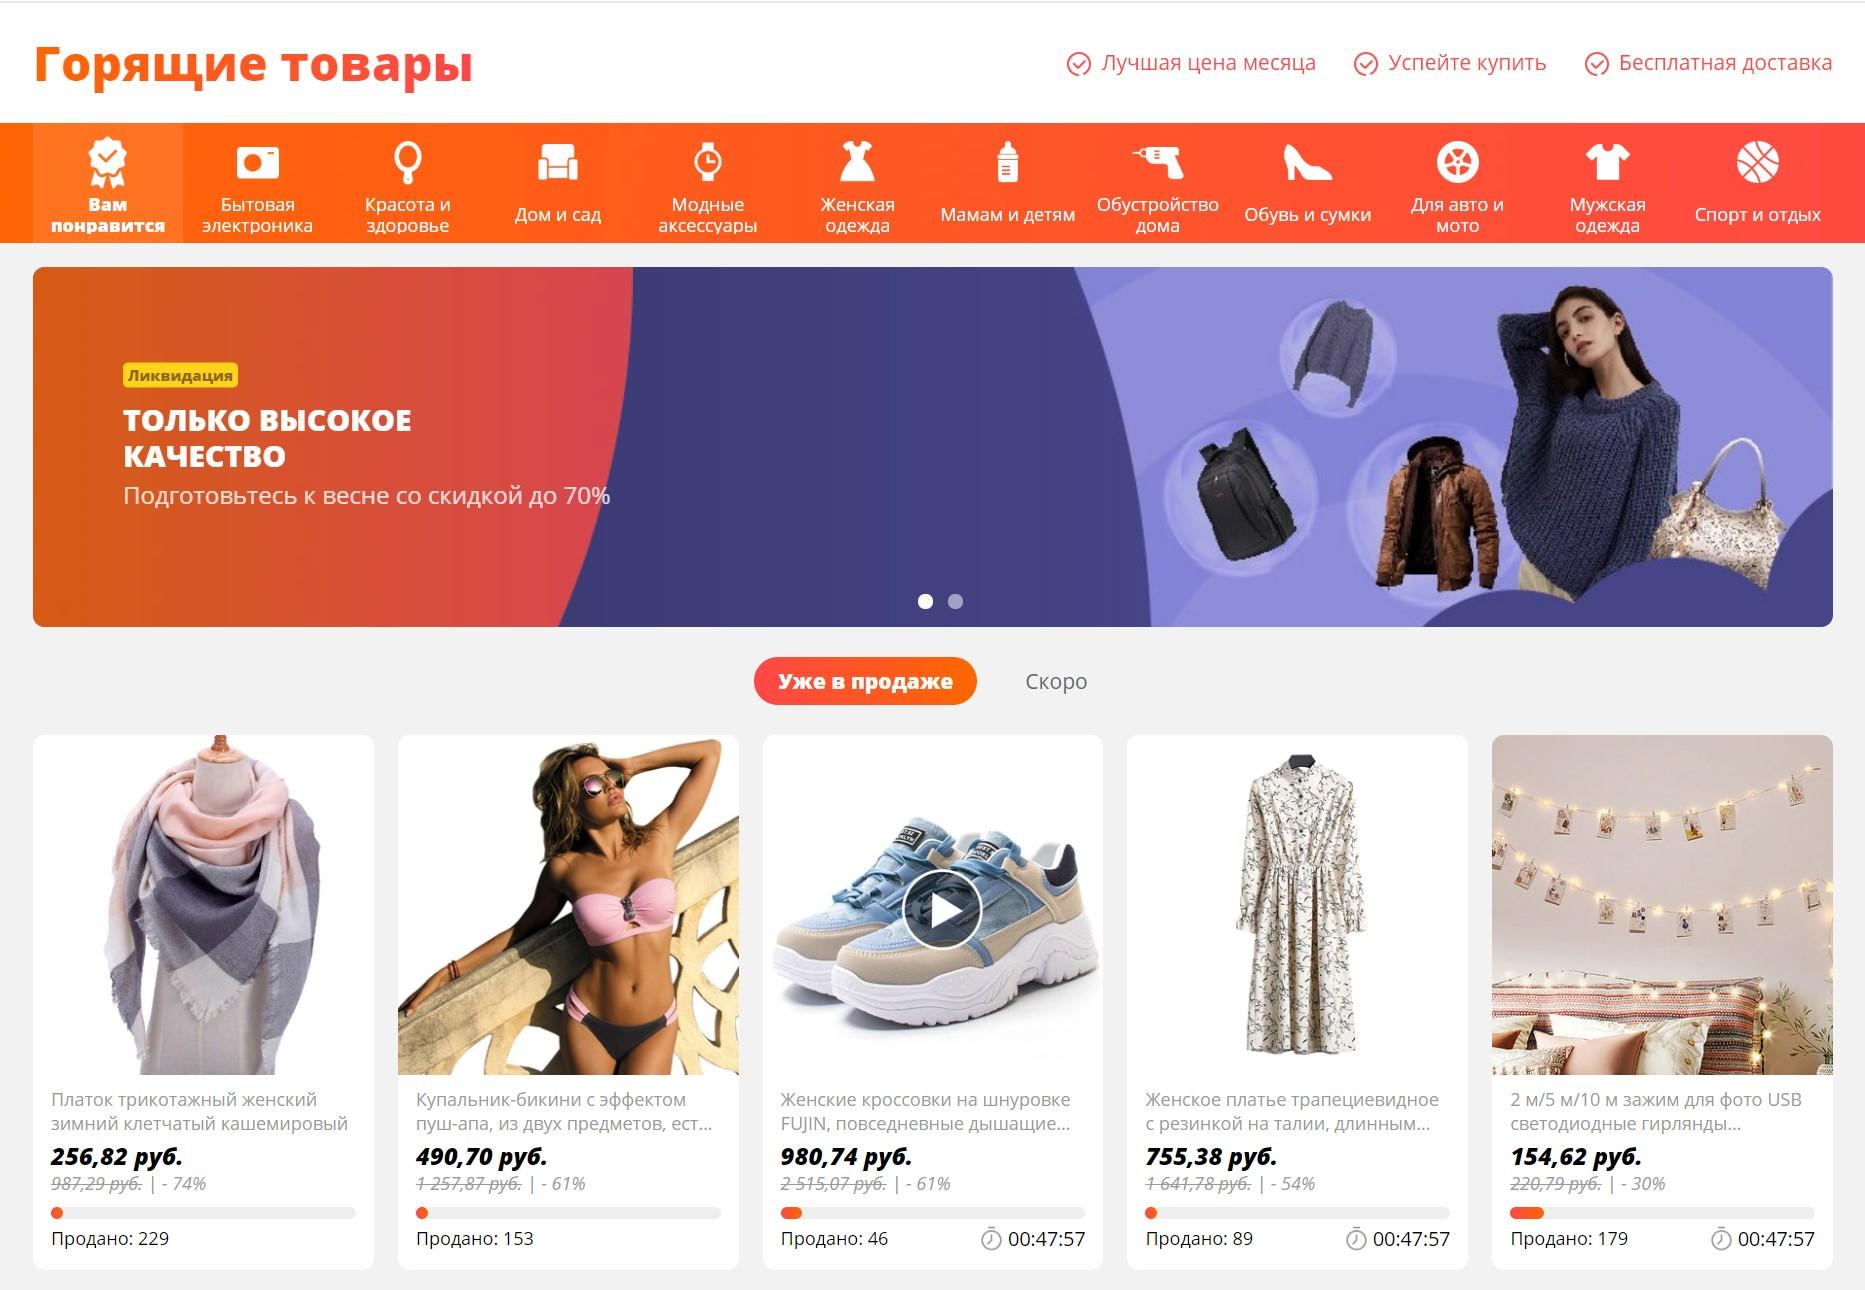 горящие товары алиэкспресс на русском языке